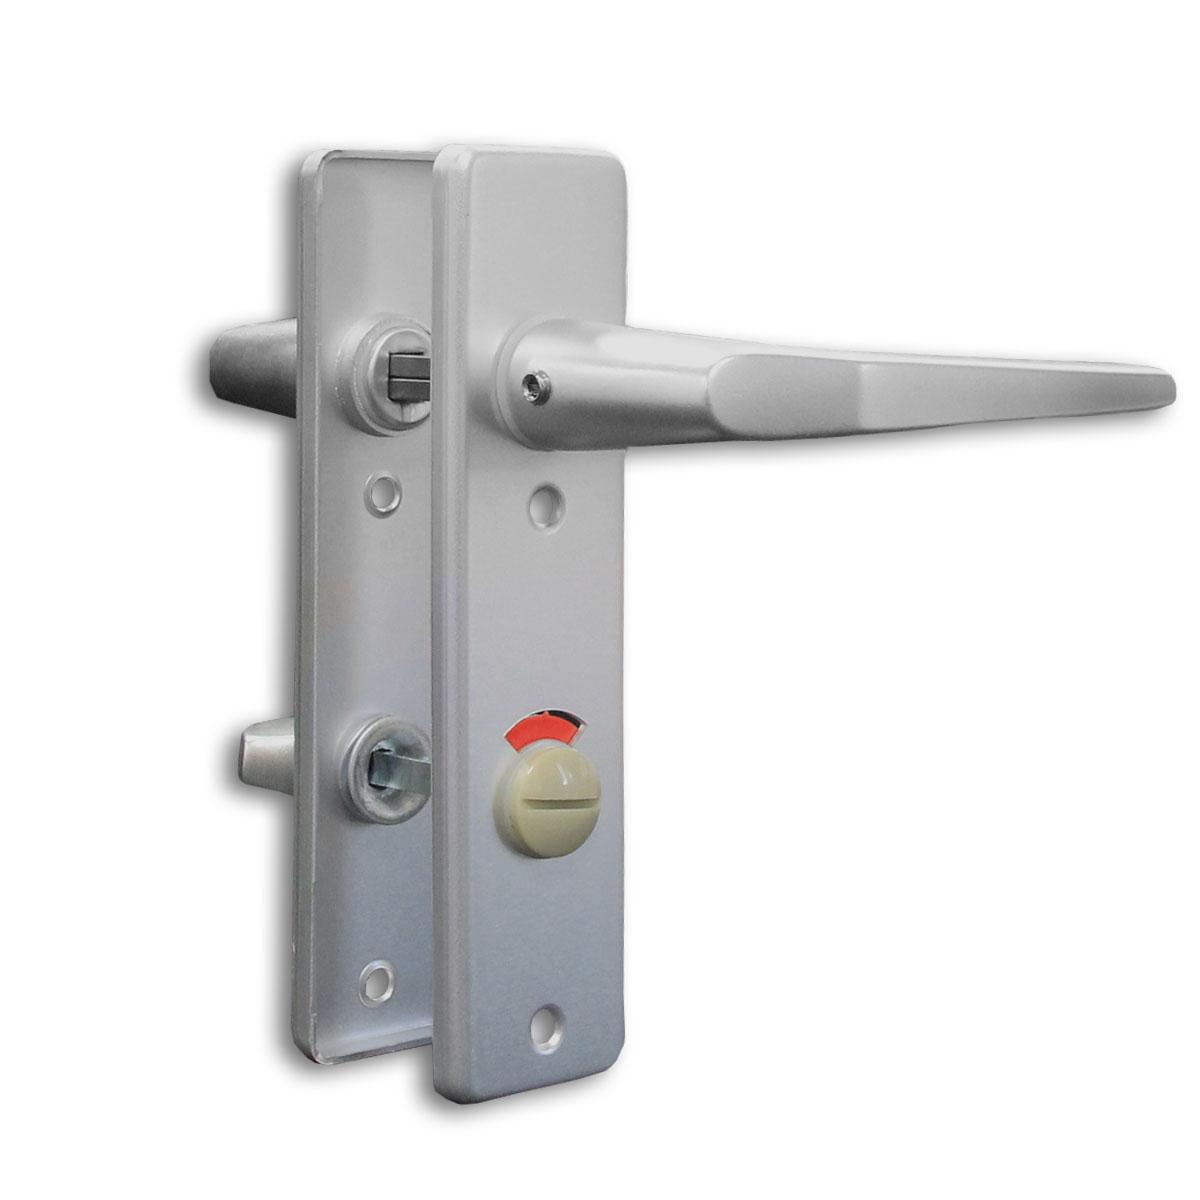 Türbeschlag WC mit Frei-Besetzt-Anzeige / Kurzschildgarnitur WC